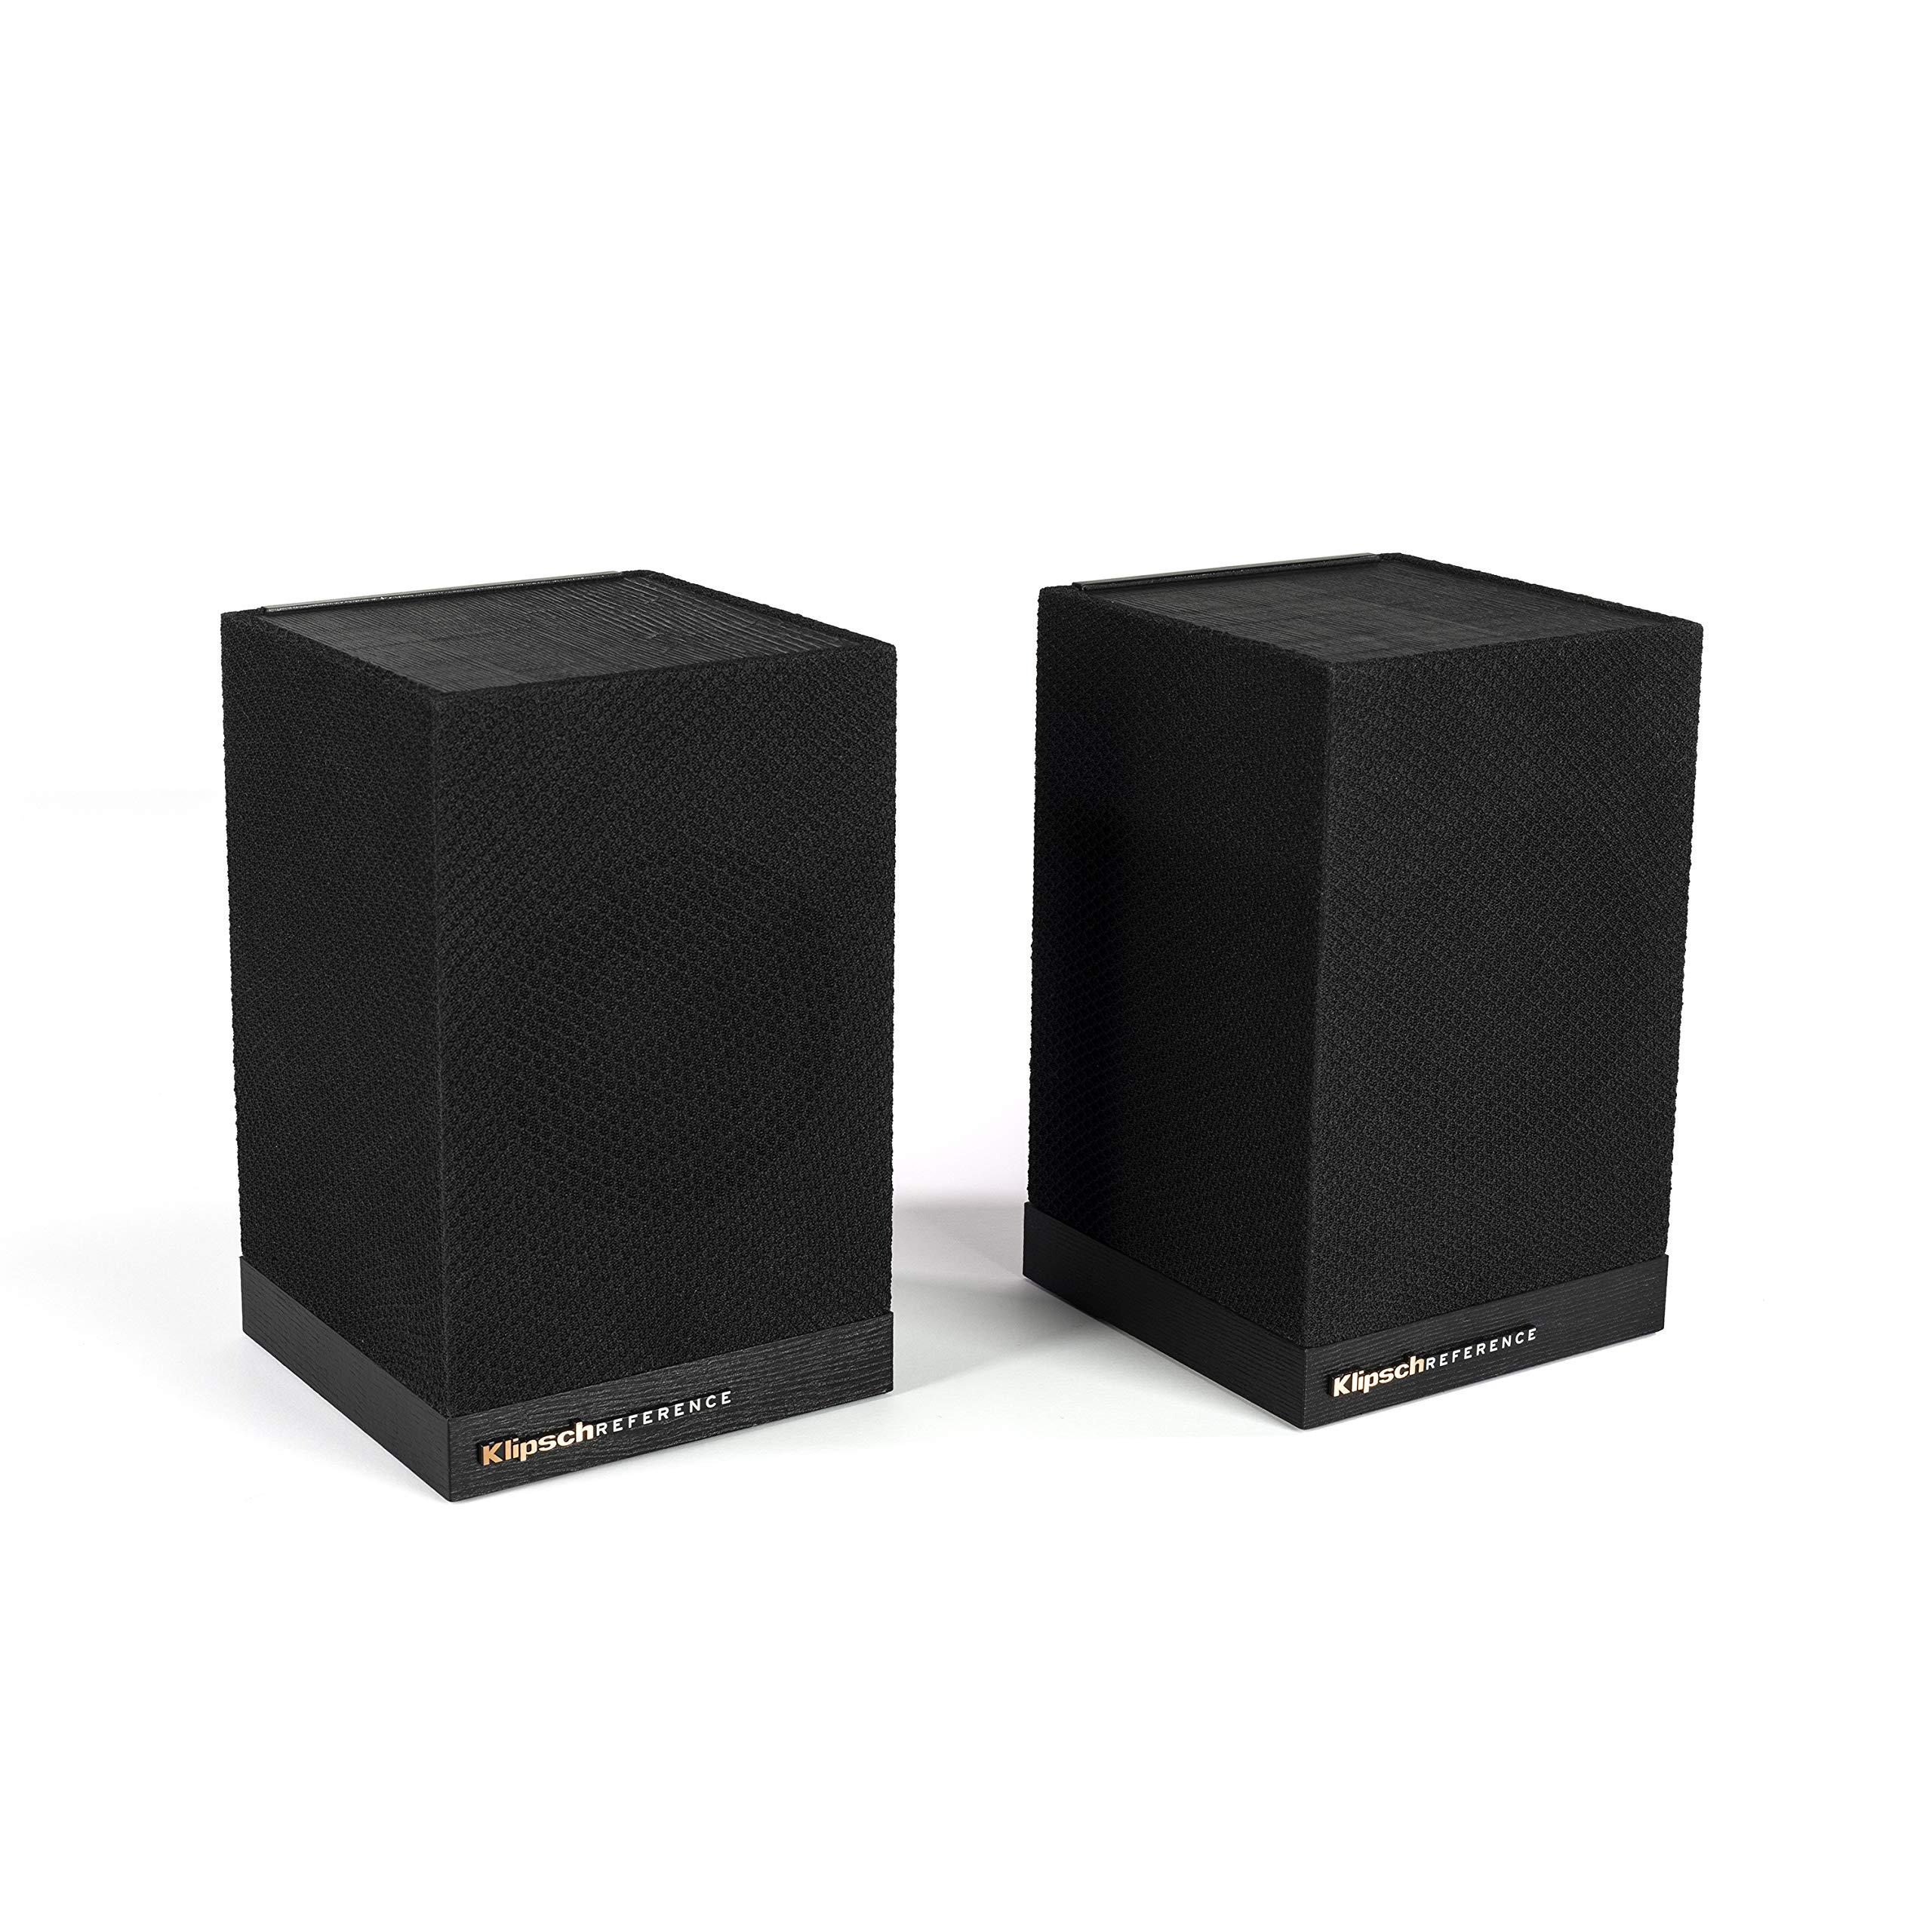 Klipsch Surround 3 Speaker Pair by Klipsch